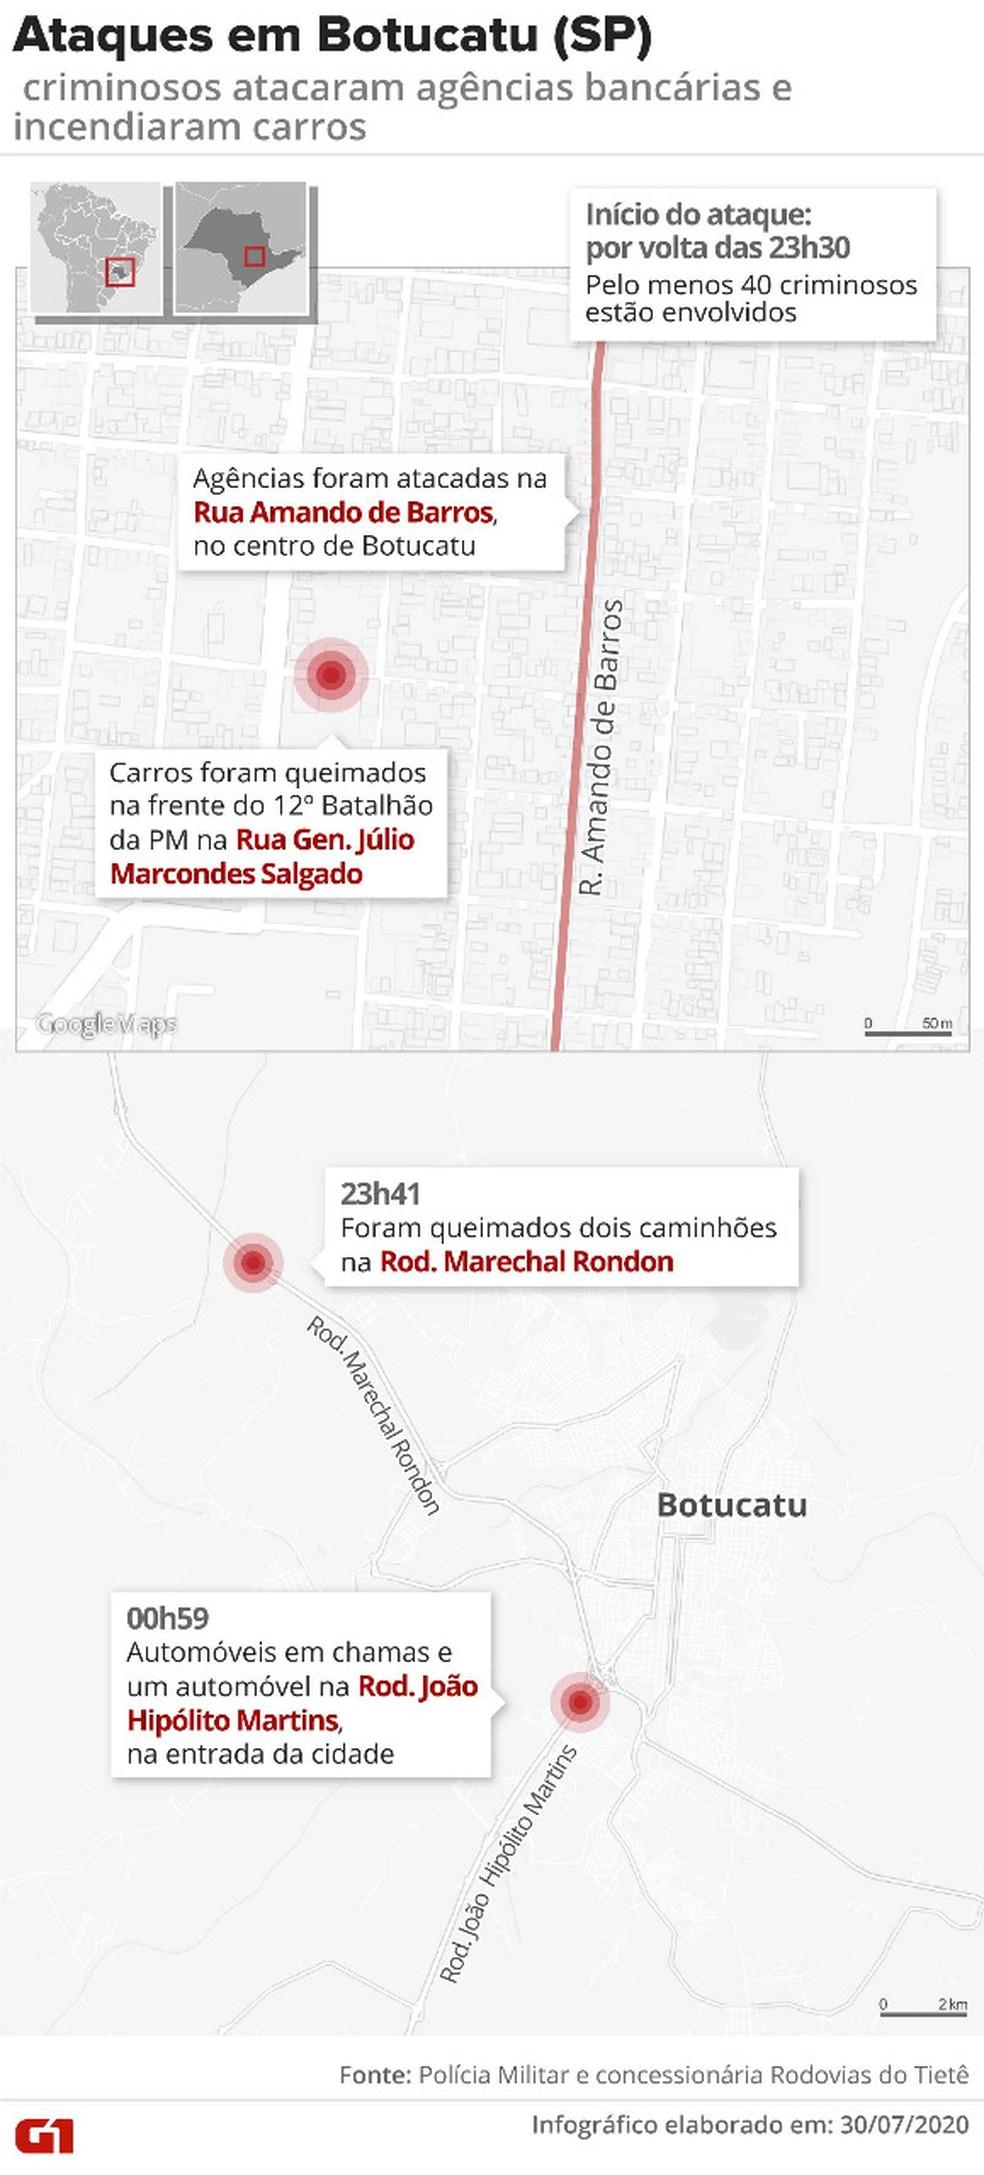 Criminosos atacaram pelo menos três agências na Rua Amando de Barros, no centro de Botucatu — Foto: Arte G1